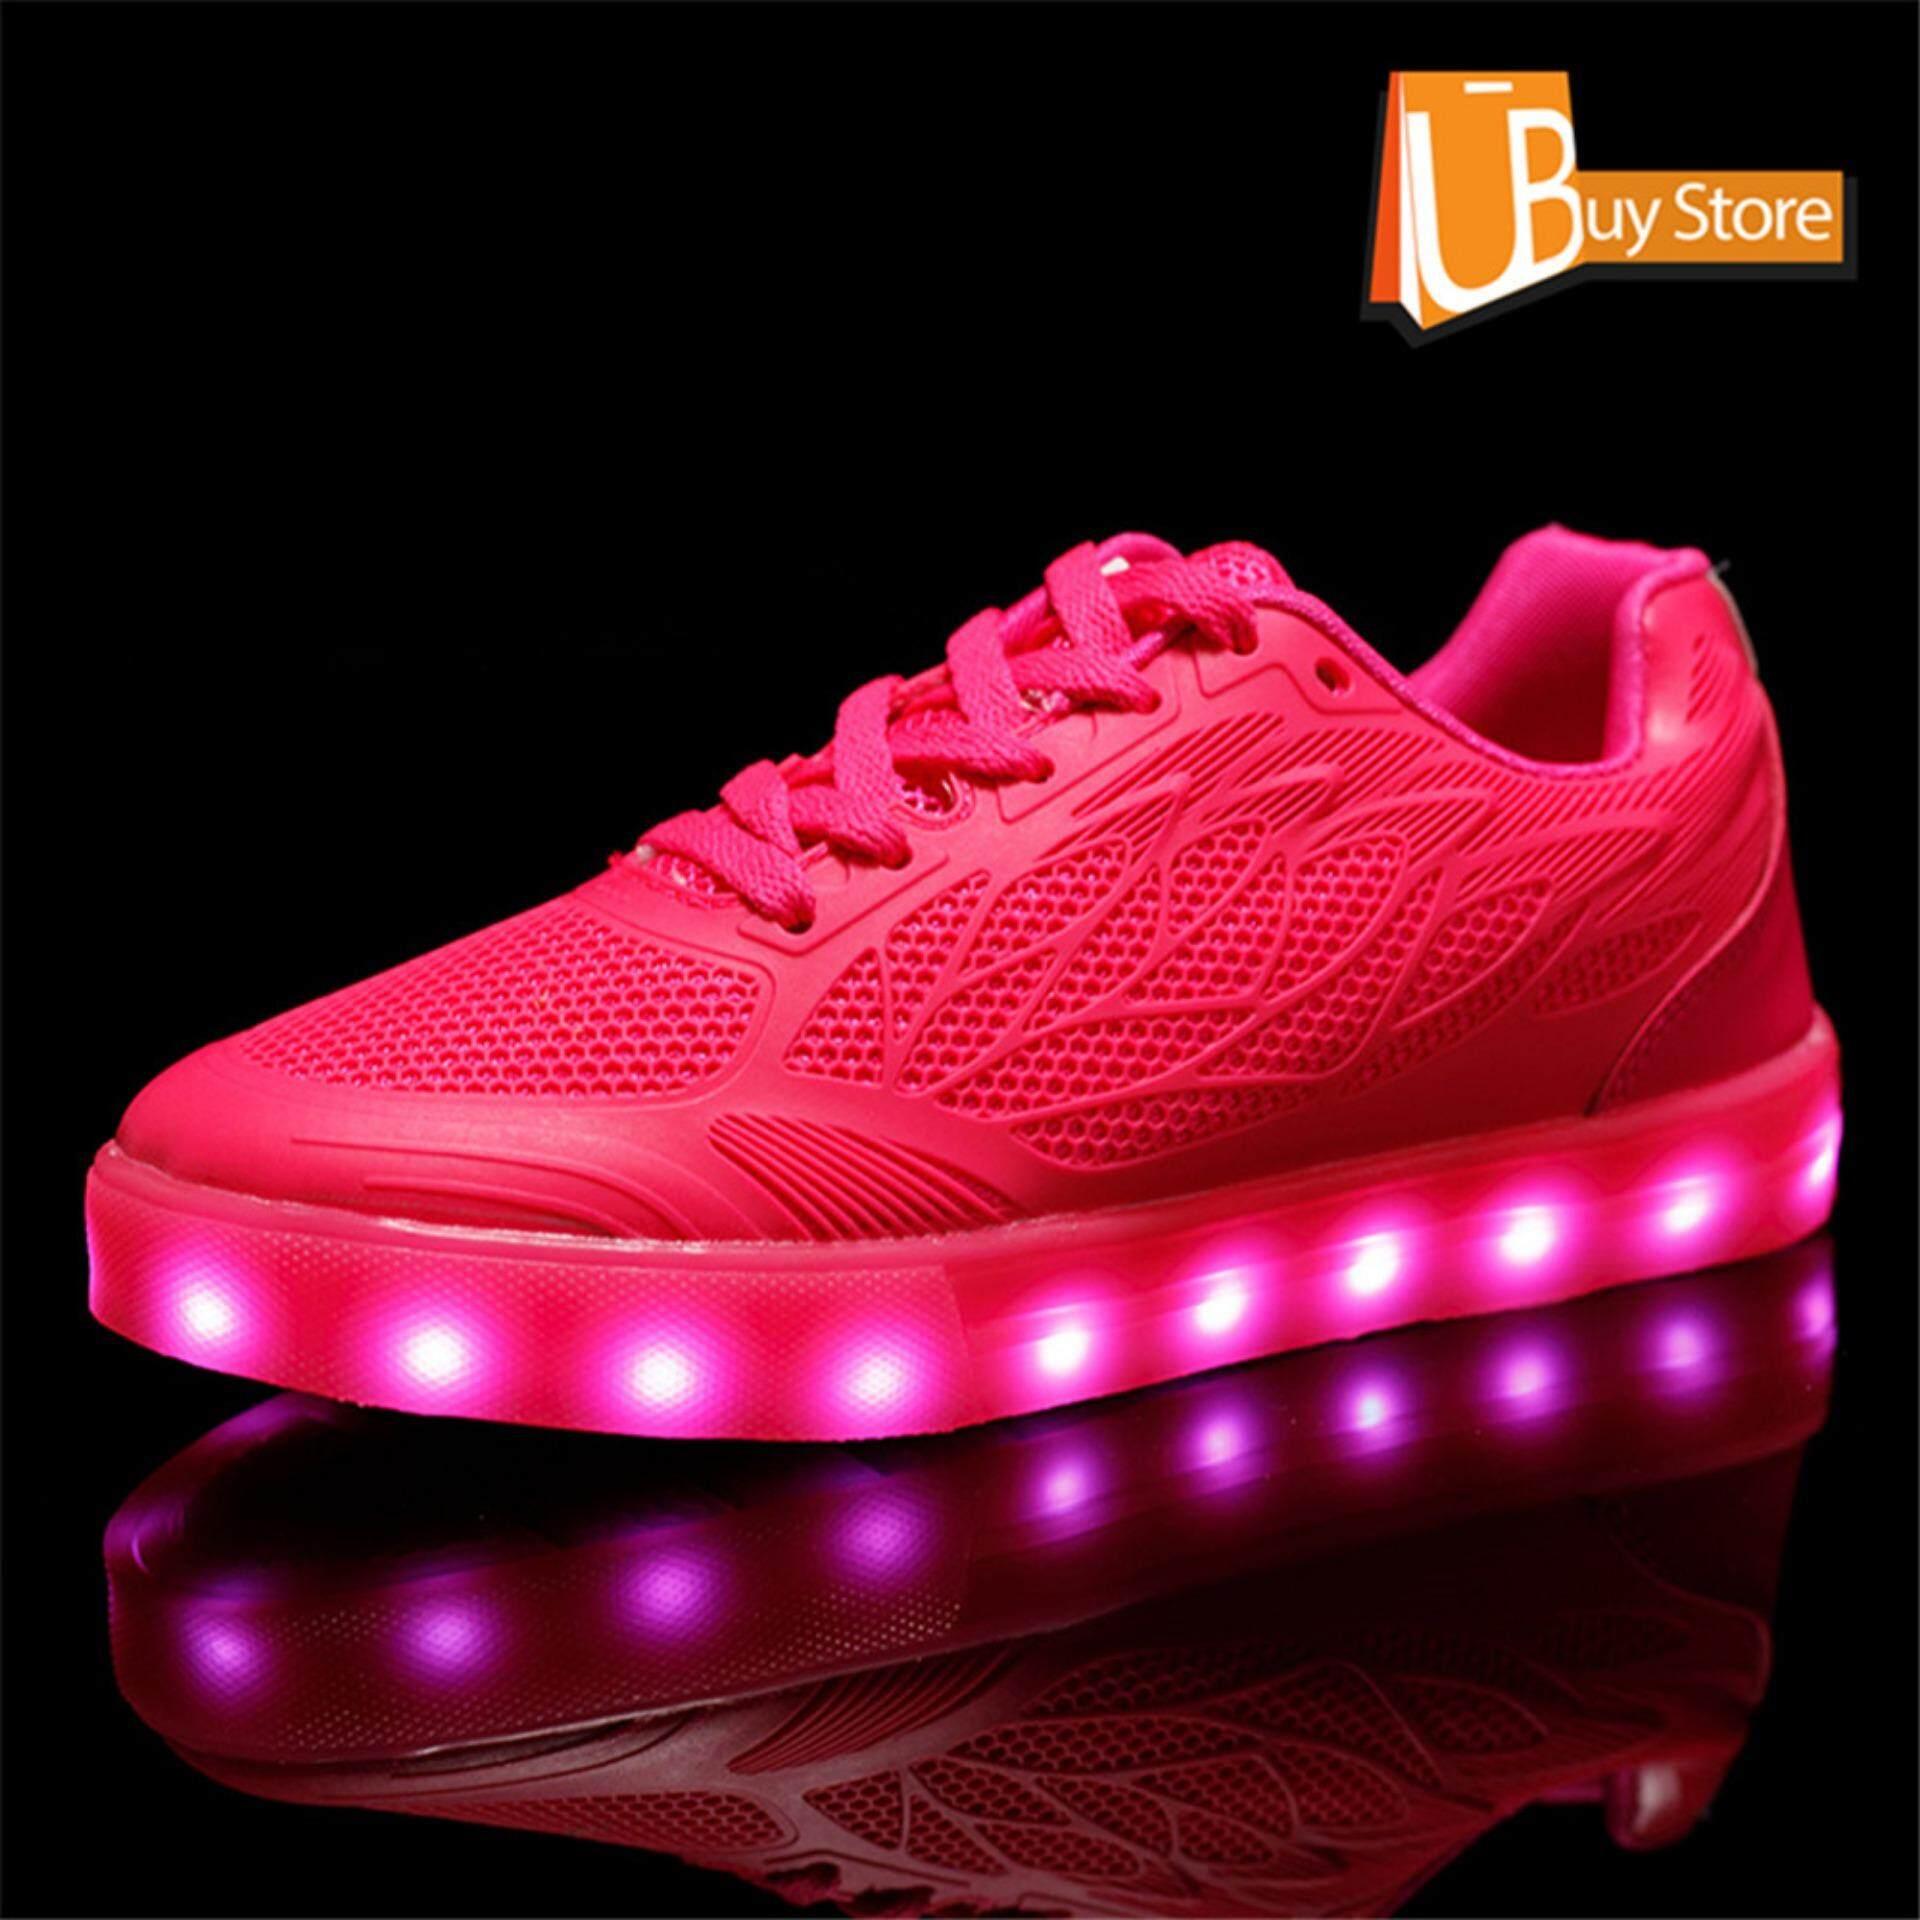 Perbandingan Converse dan UBUY Sneakers ulasan 4b4816018